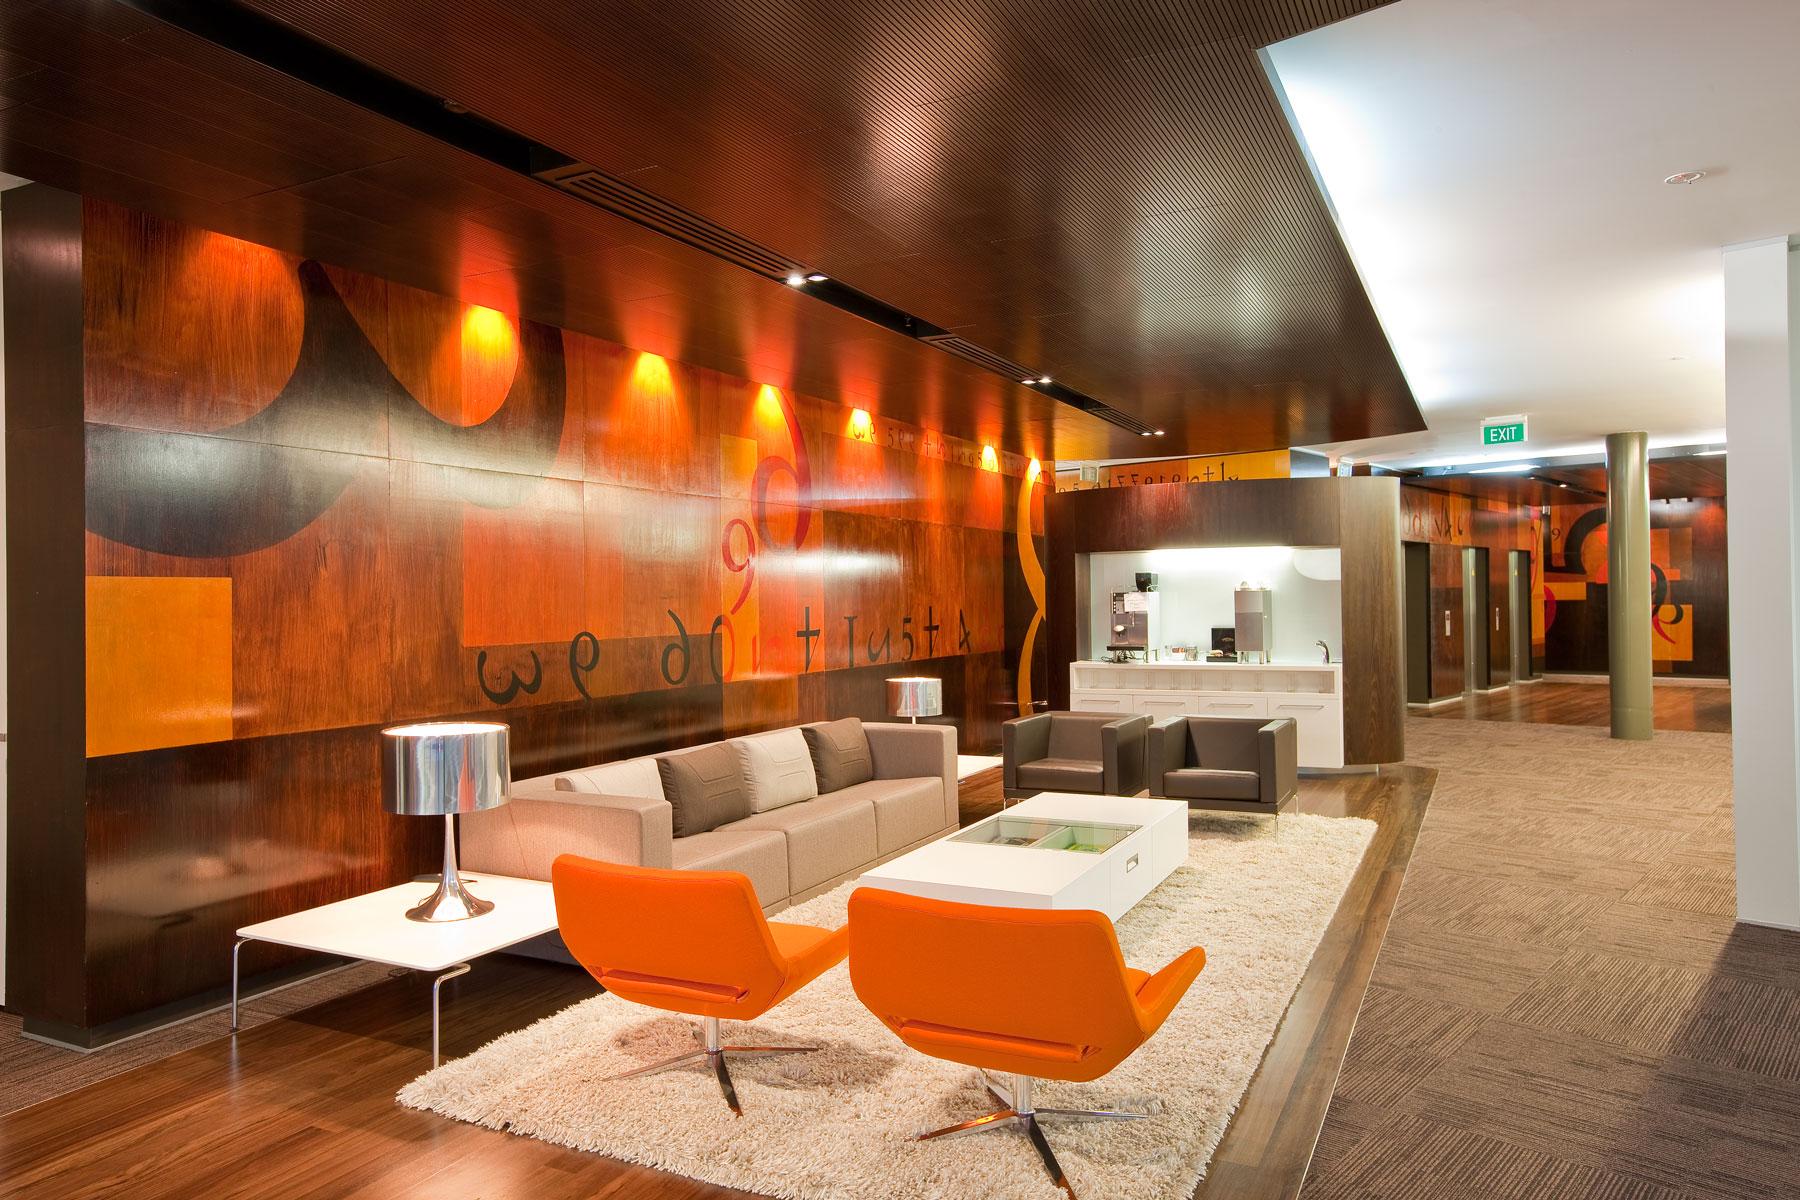 G  Leuschke Kahn Architects_GrantThornton LKA__13Y7973.jpg